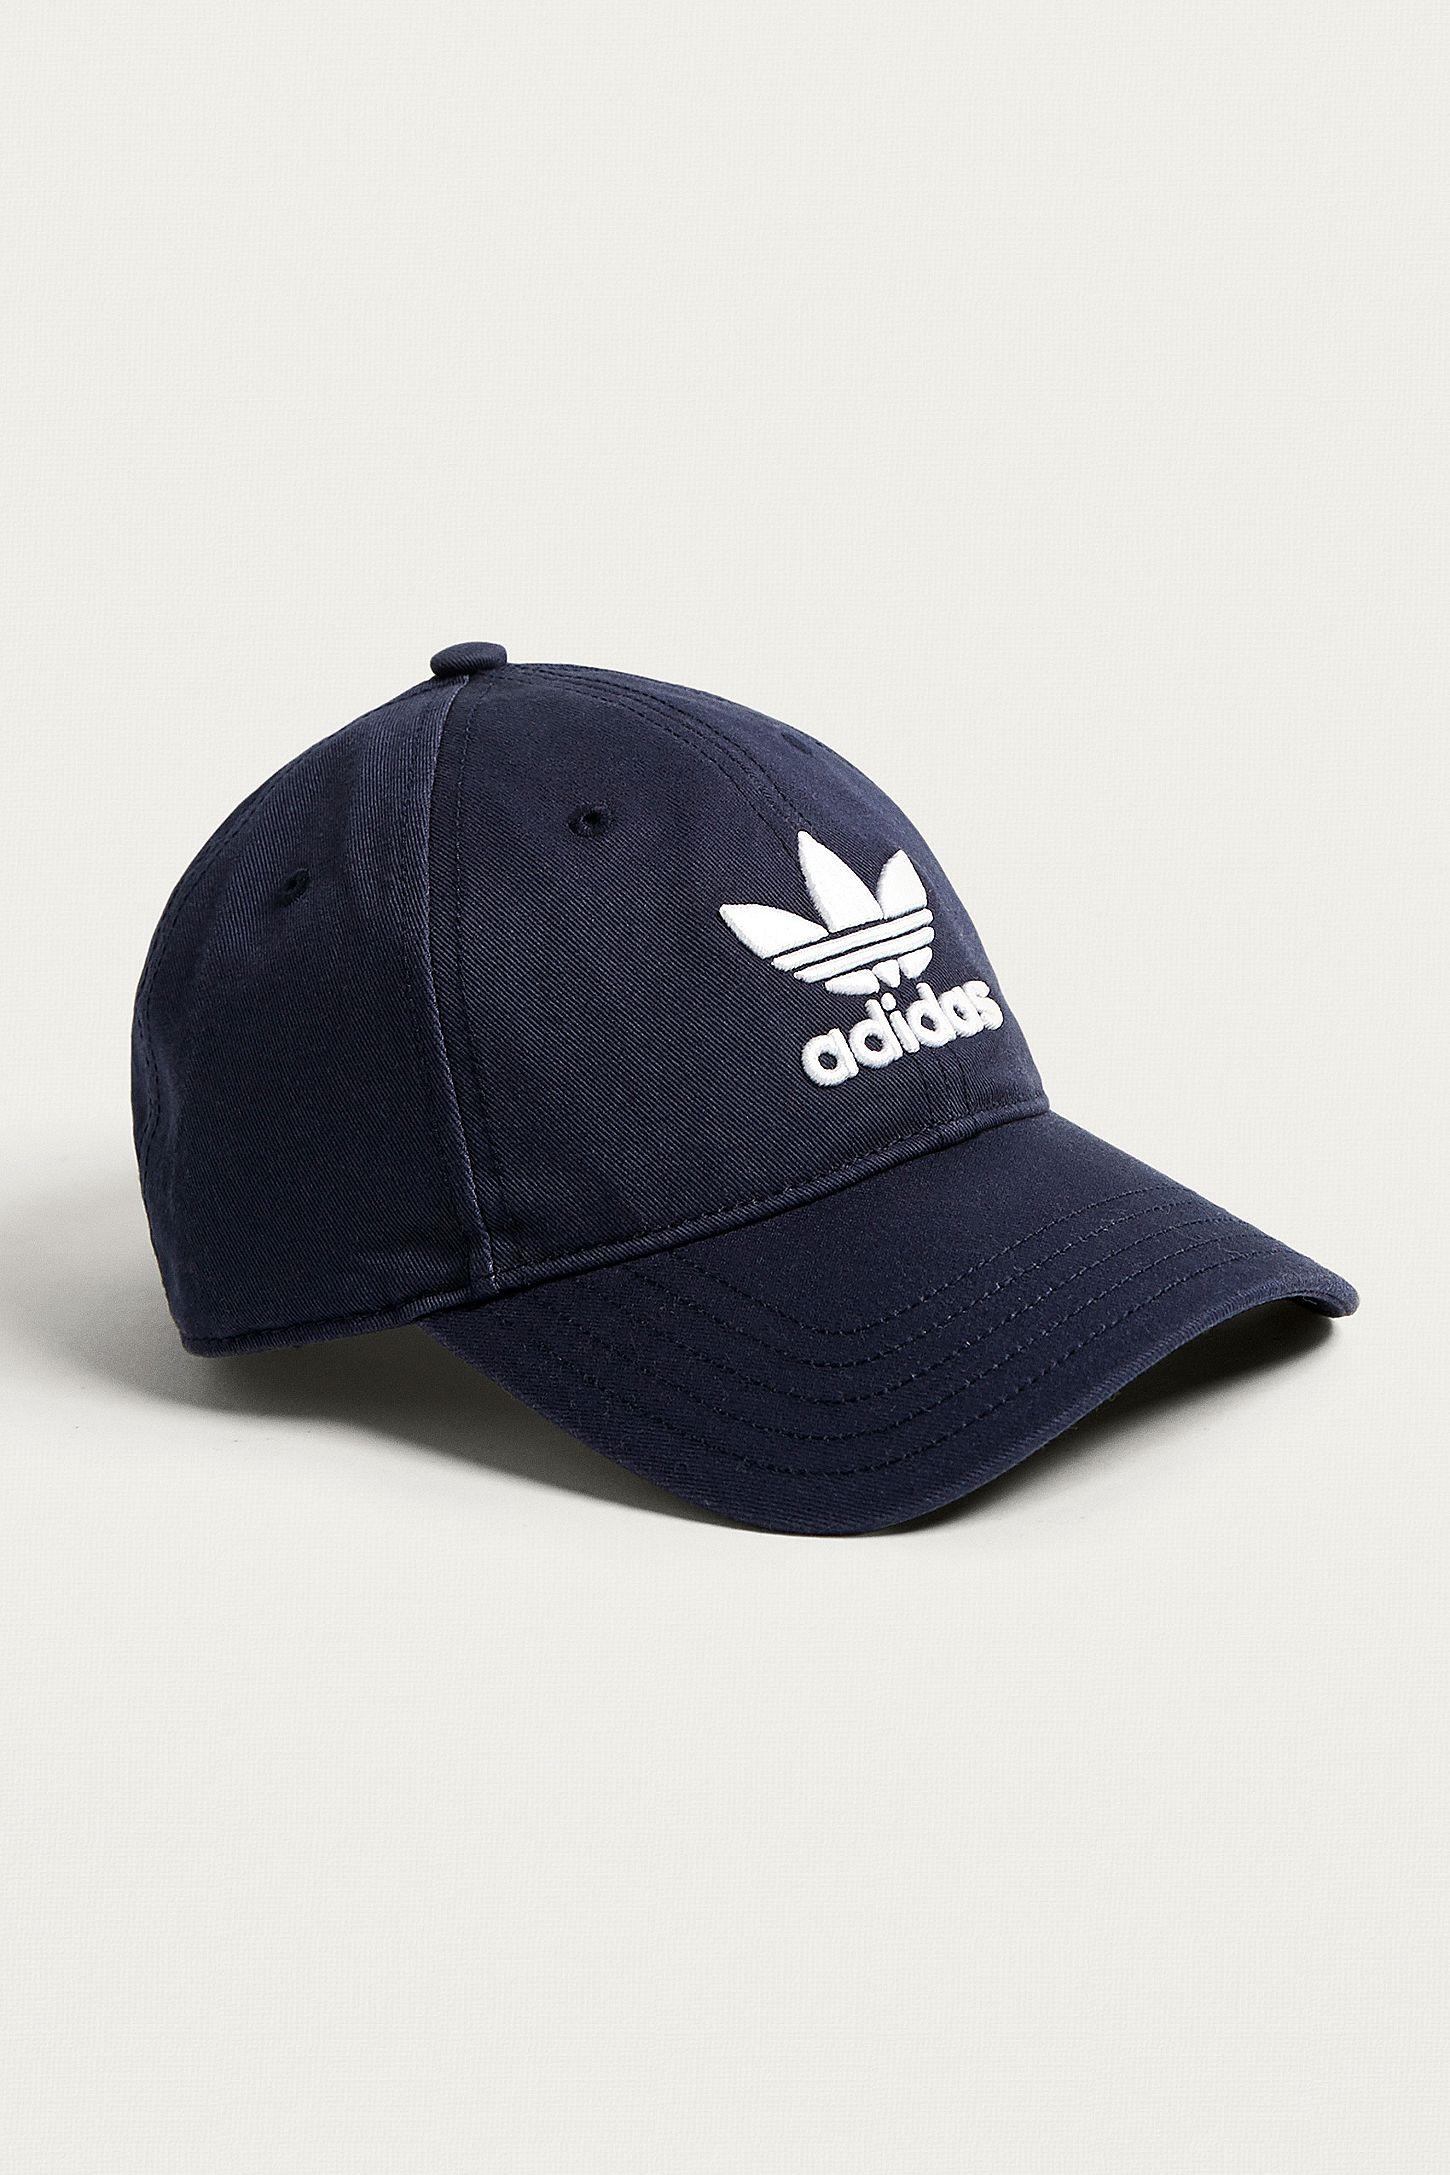 b210270d726 adidas Originals Navy Trefoil Dad Cap